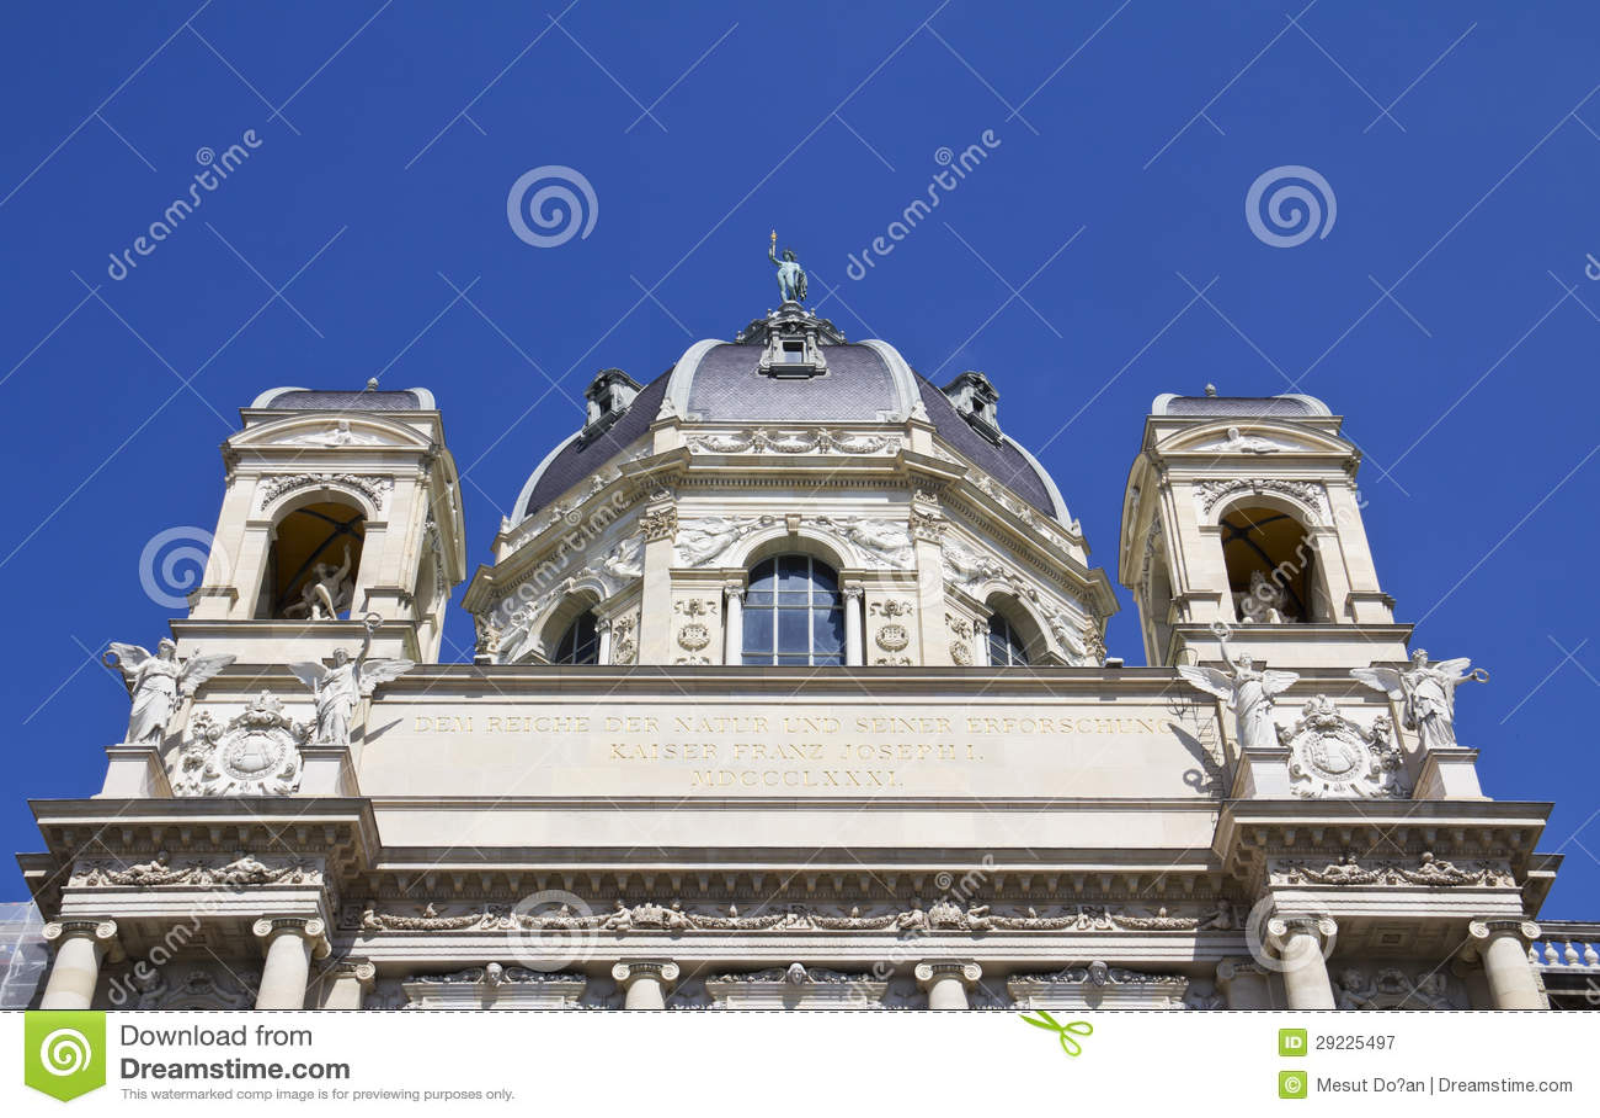 Download Museu da história imagem de stock. Imagem de arquitetura - 29225497